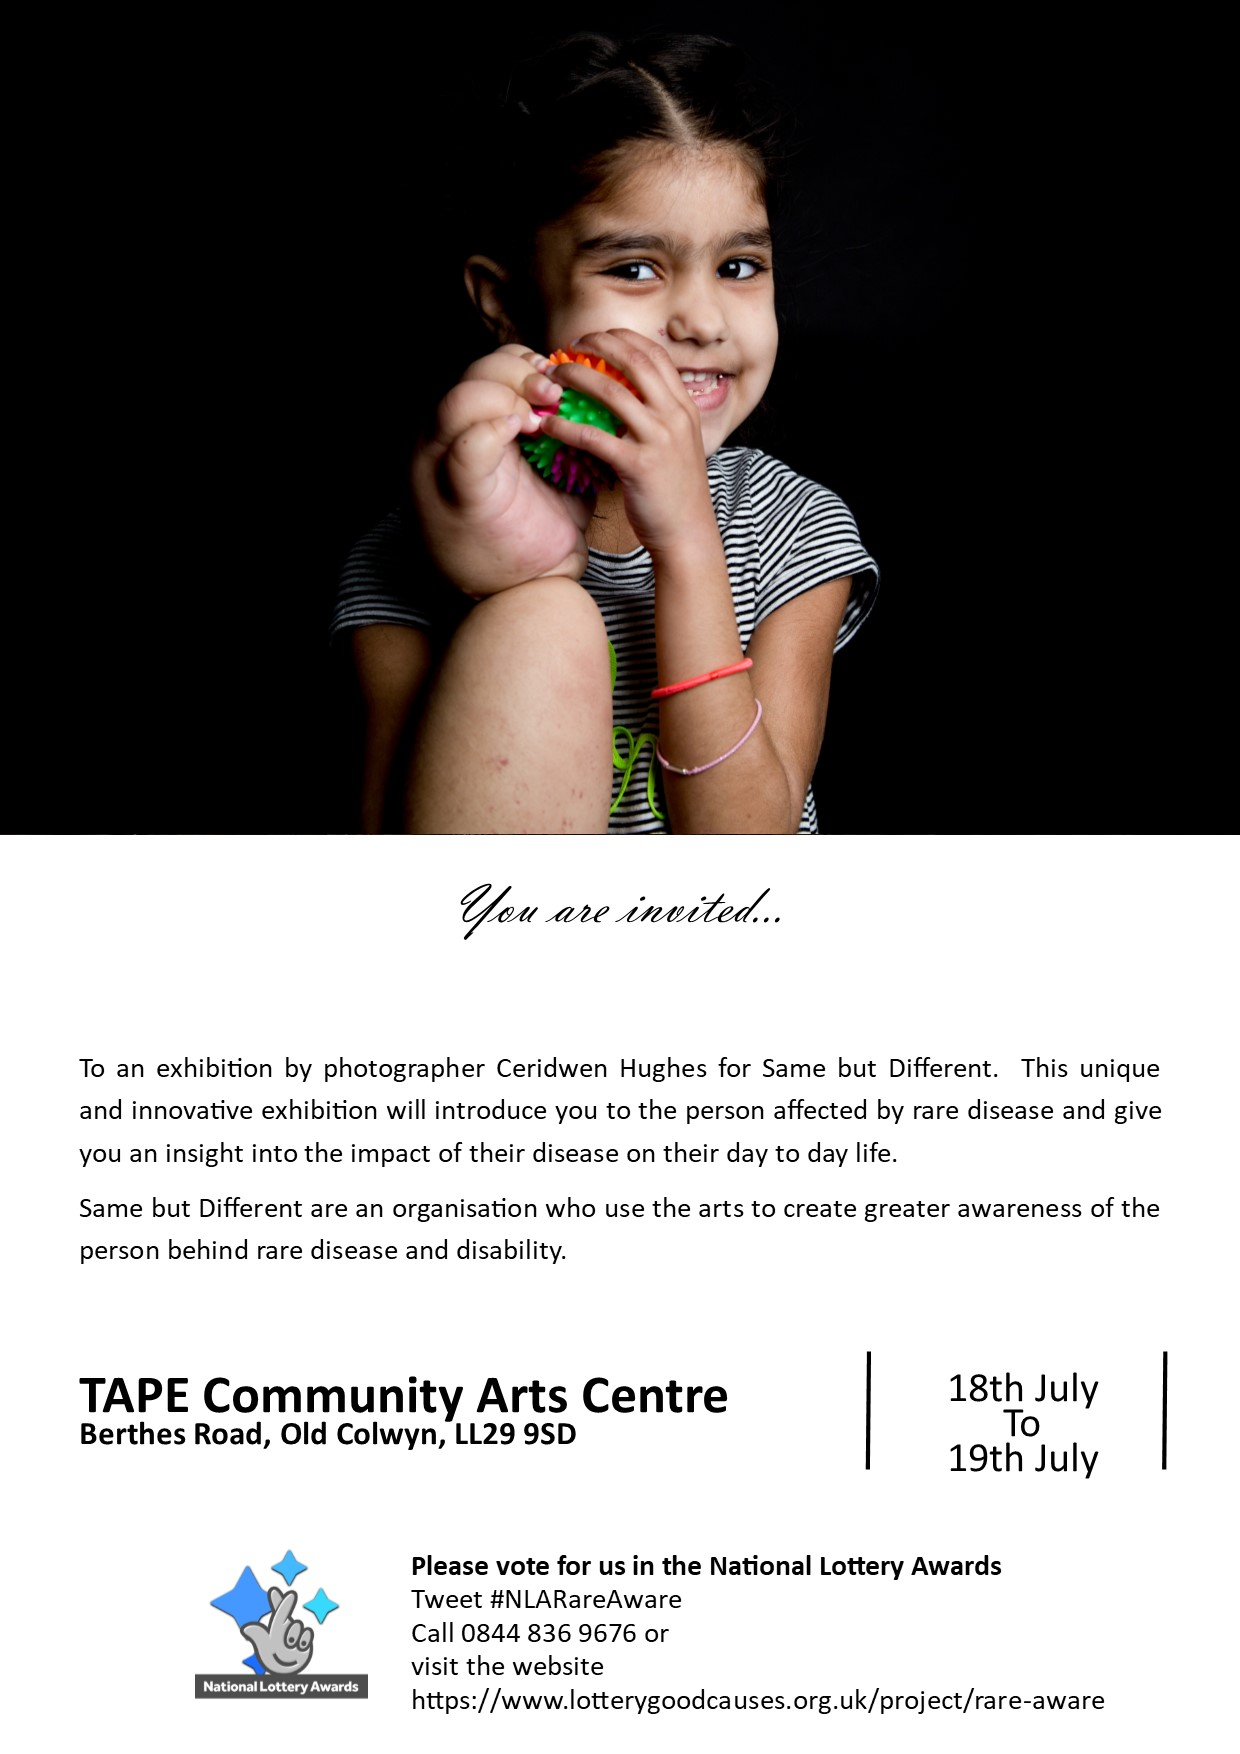 TAPE invite.jpg